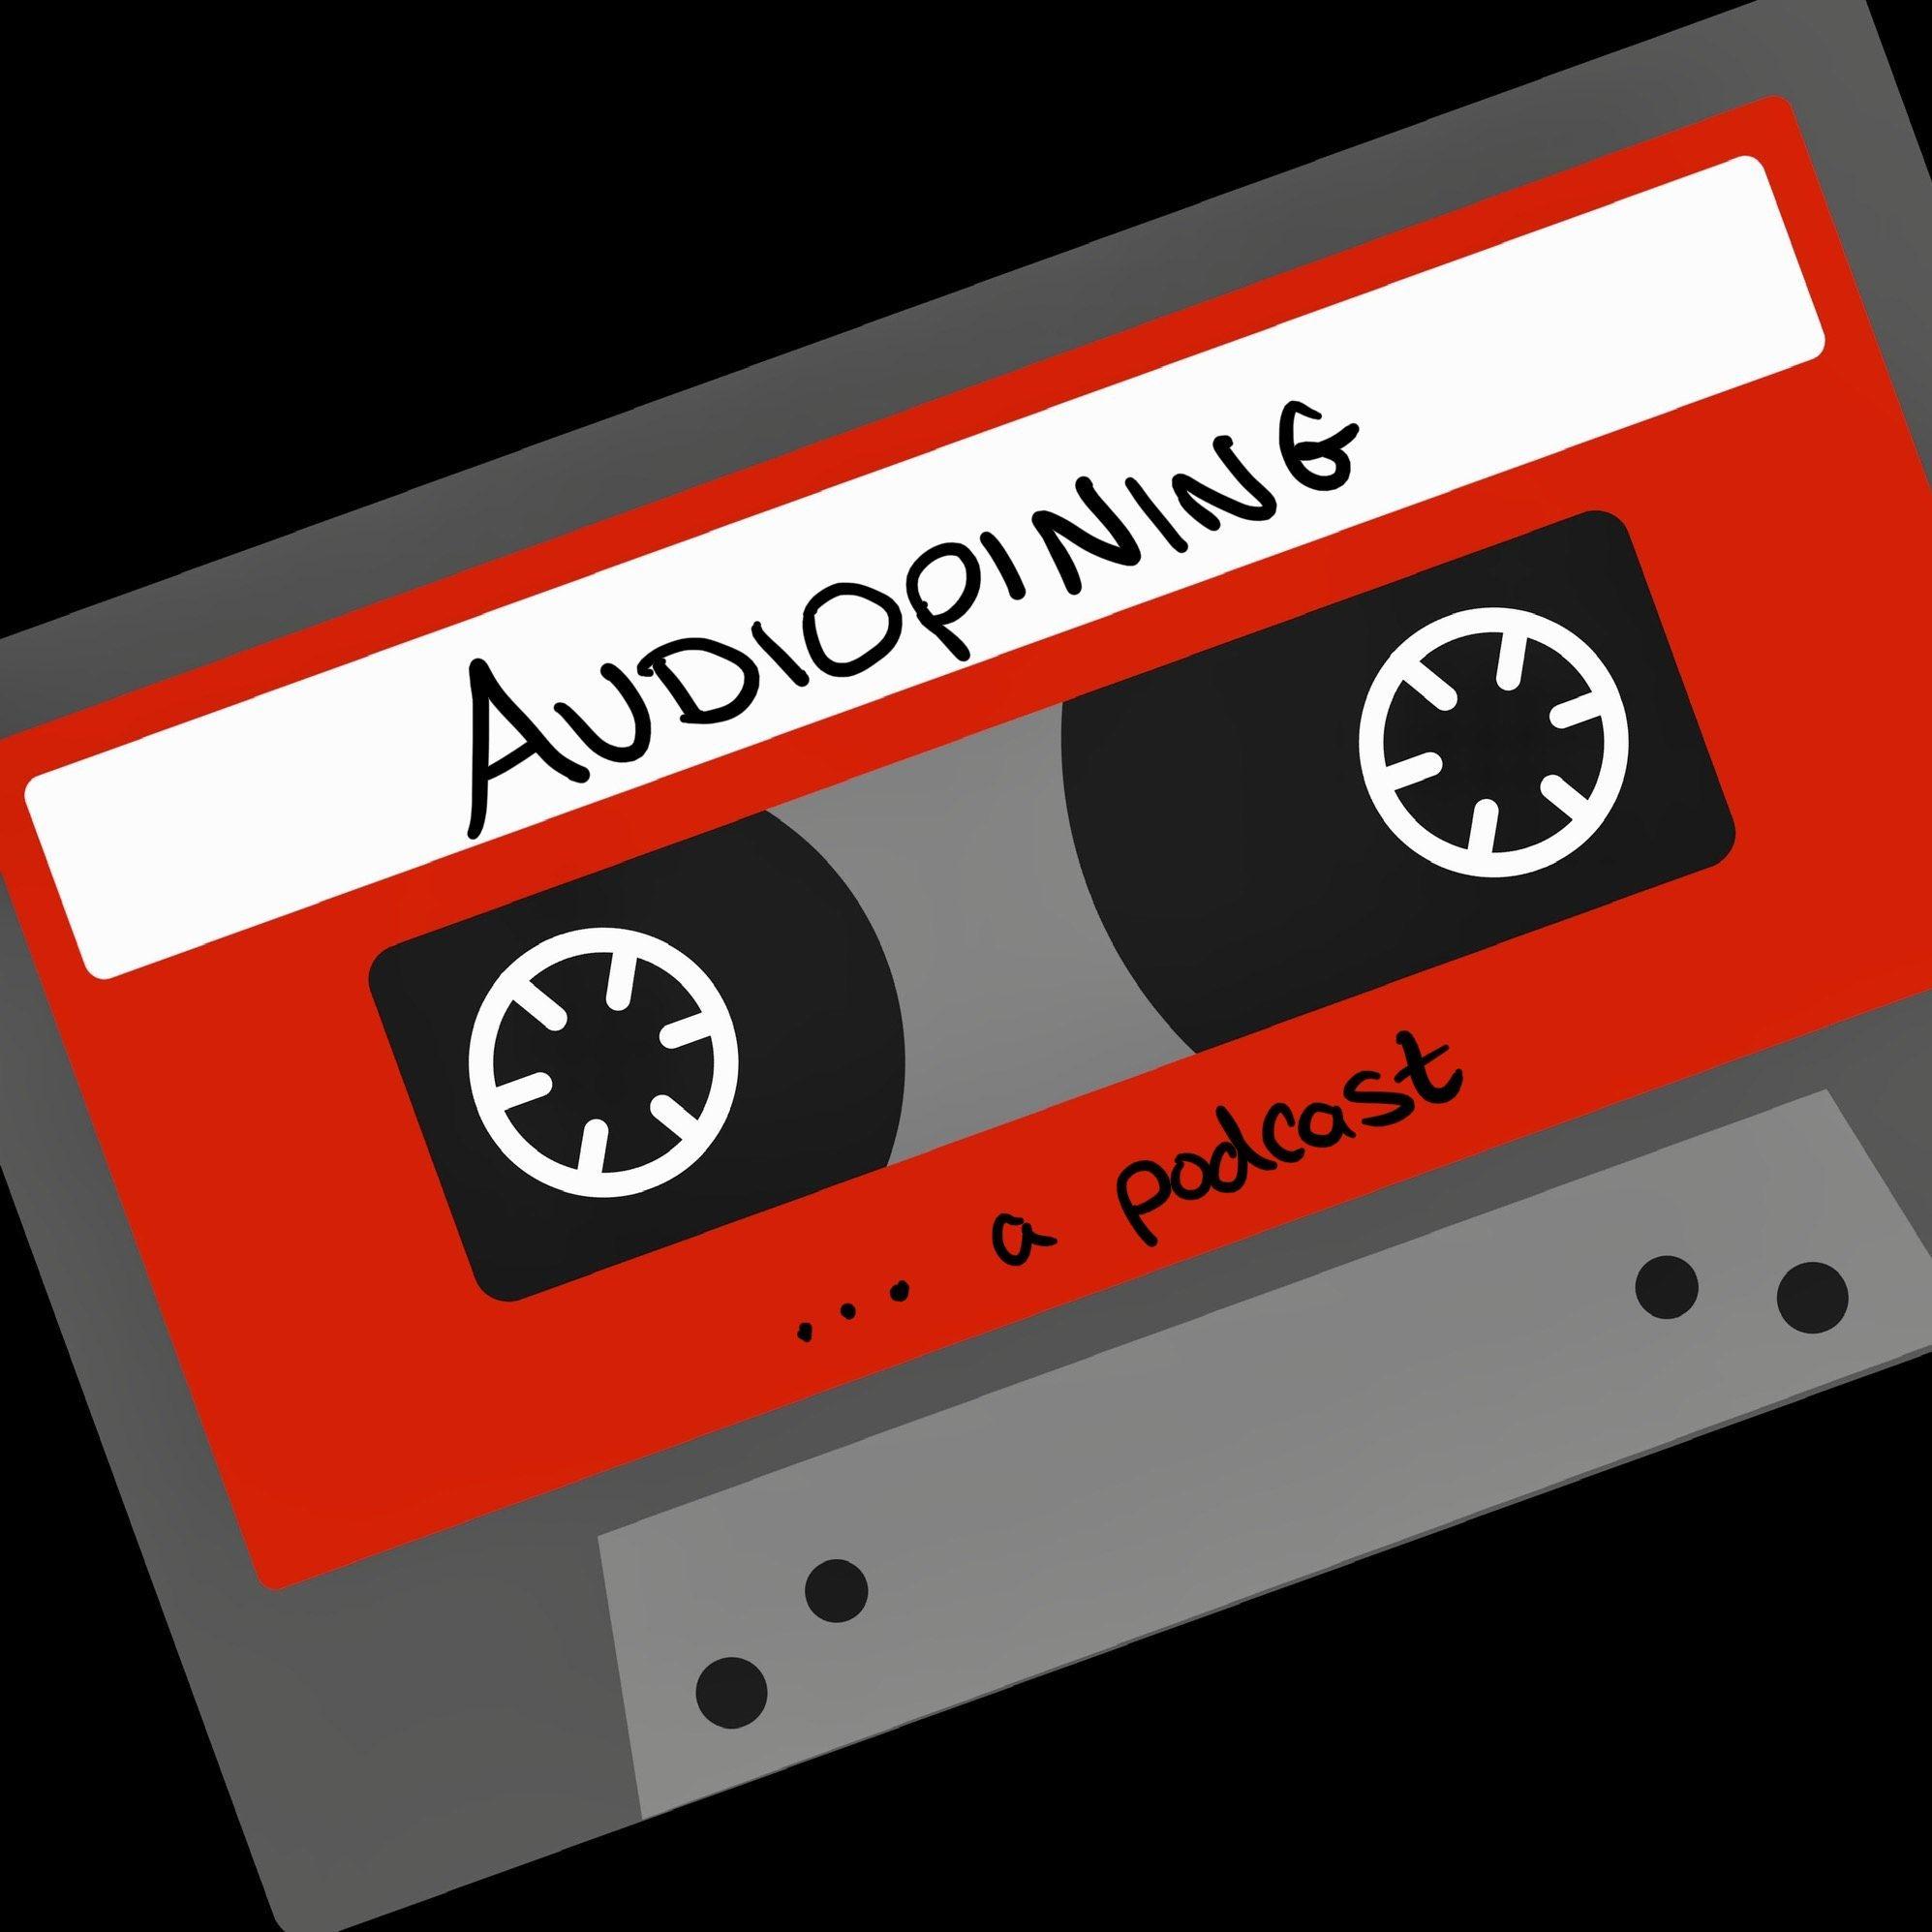 Audiopining